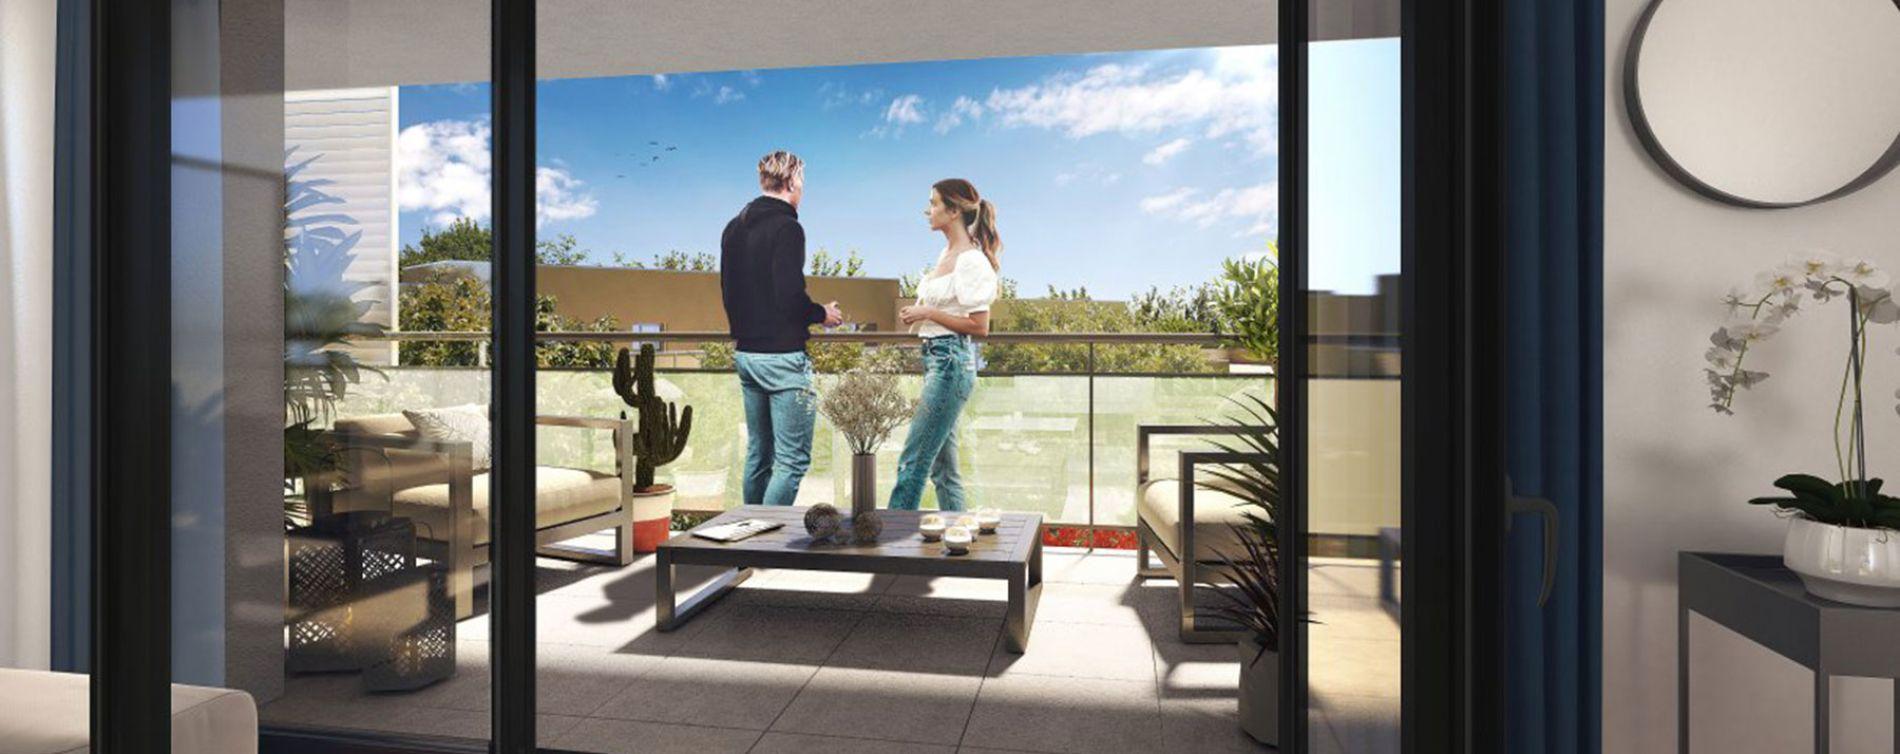 La Roche-sur-Yon : programme immobilier neuve « Le Clos du Haras » (3)